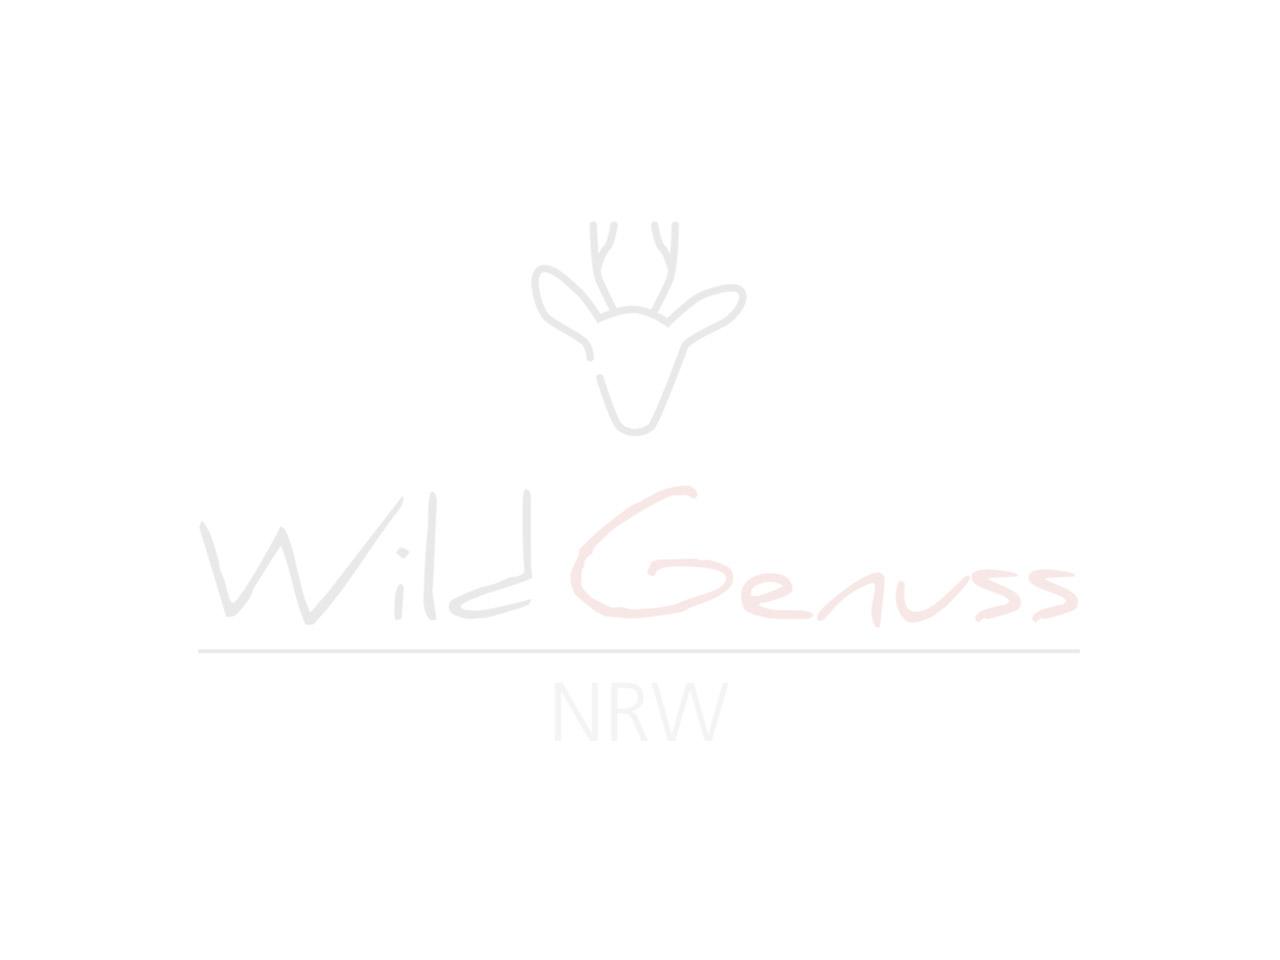 Wildpret